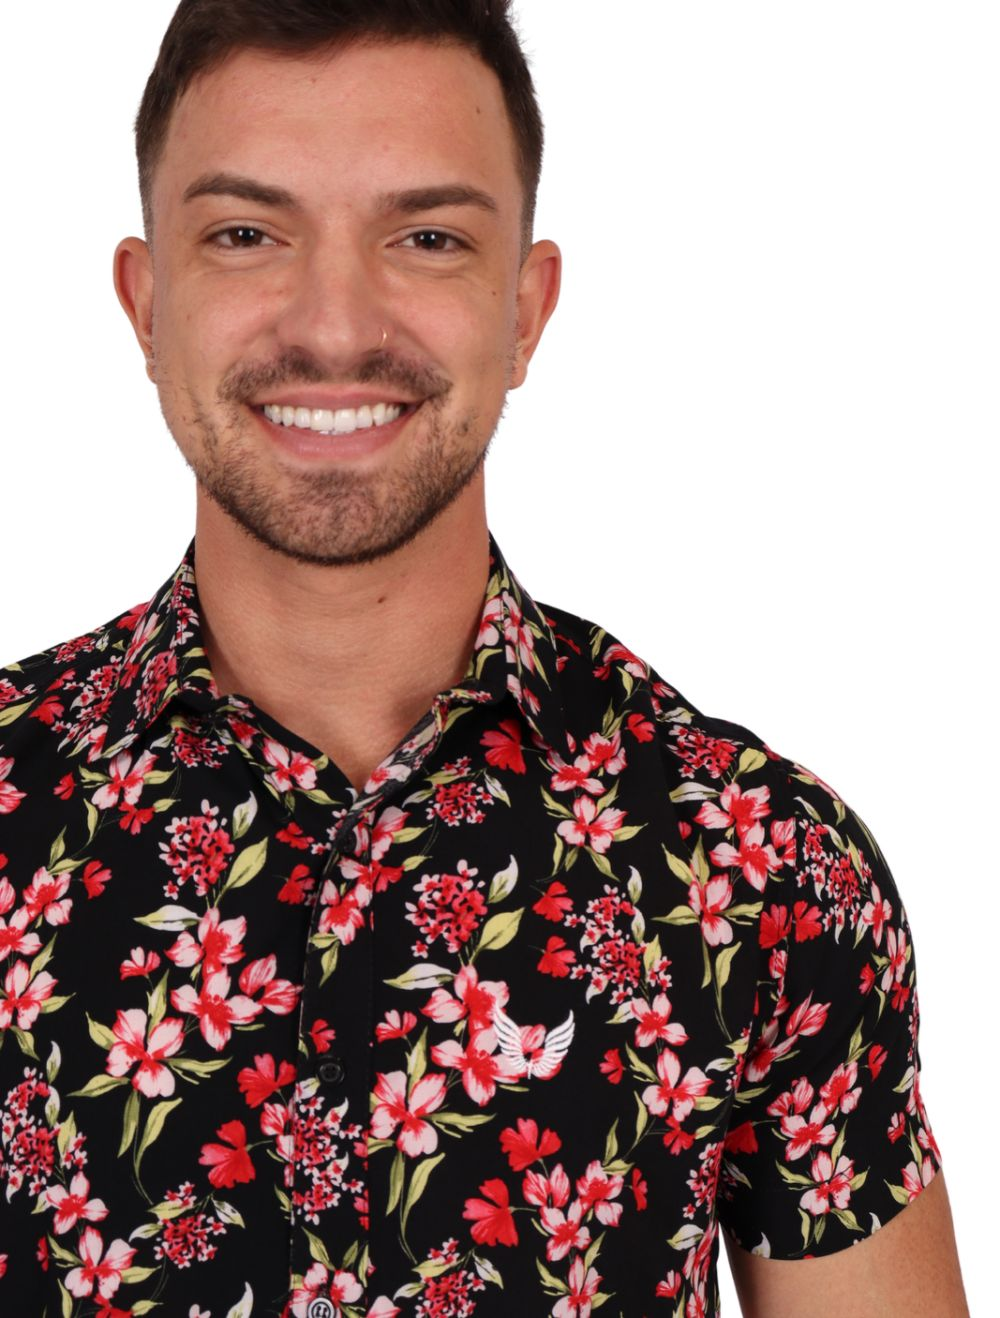 Camisa Masculina Manga Curta Slim Preta com Floral Vermelho